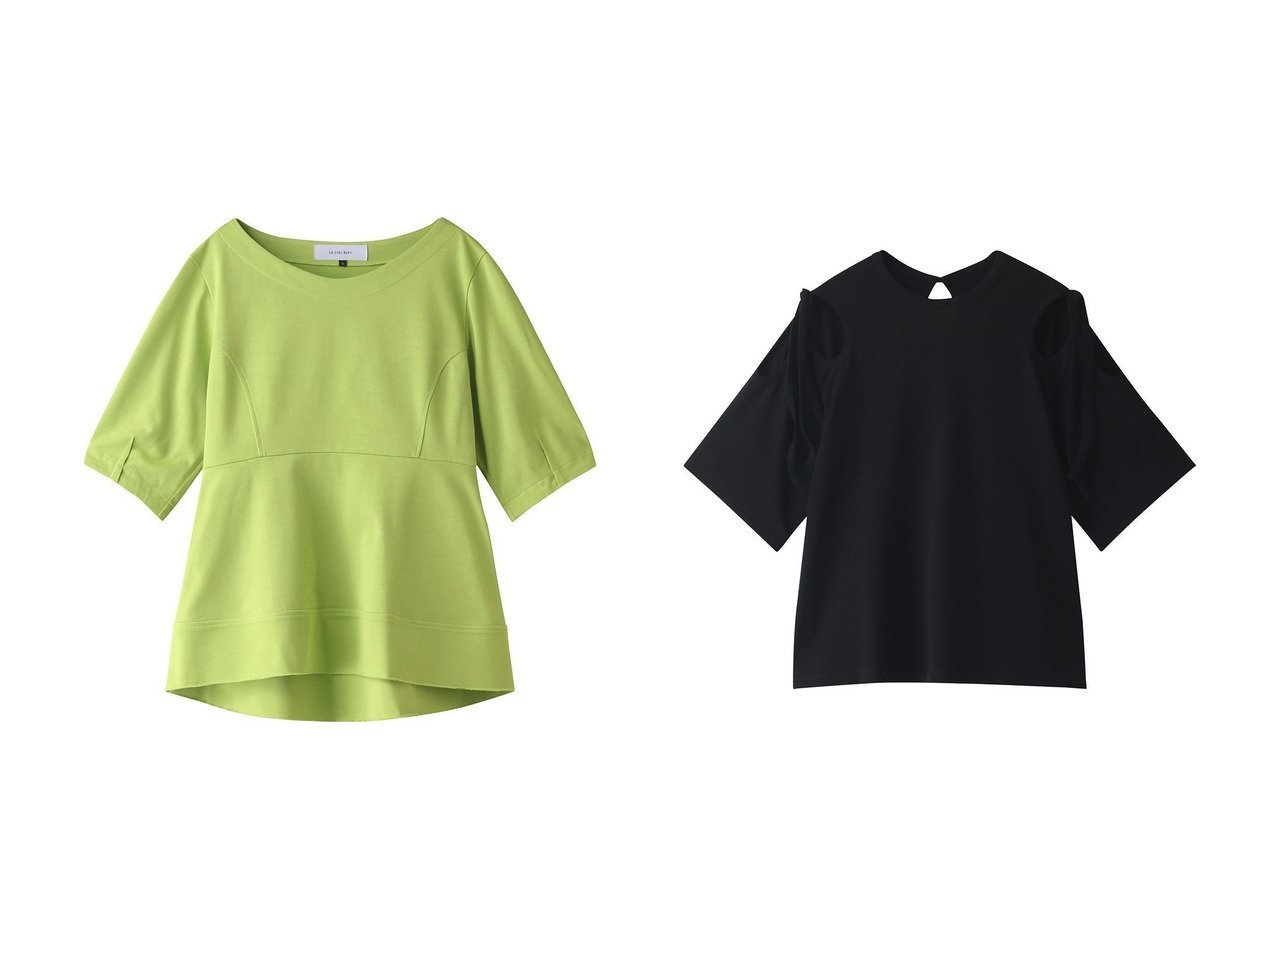 【LE CIEL BLEU/ルシェル ブルー】のボートネックペプラムTee&フラワーカットアウトTee 【トップス・カットソー】おすすめ!人気、トレンド・レディースファッションの通販 おすすめで人気の流行・トレンド、ファッションの通販商品 インテリア・家具・メンズファッション・キッズファッション・レディースファッション・服の通販 founy(ファニー) https://founy.com/ ファッション Fashion レディースファッション WOMEN トップス・カットソー Tops/Tshirt シャツ/ブラウス Shirts/Blouses ロング / Tシャツ T-Shirts カットソー Cut and Sewn 2020年 2020 2020-2021秋冬・A/W AW・Autumn/Winter・FW・Fall-Winter/2020-2021 2021年 2021 2021-2022秋冬・A/W AW・Autumn/Winter・FW・Fall-Winter・2021-2022 A/W・秋冬 AW・Autumn/Winter・FW・Fall-Winter シェイプ スリーブ フレア ペプラム ロング 半袖  ID:crp329100000060623